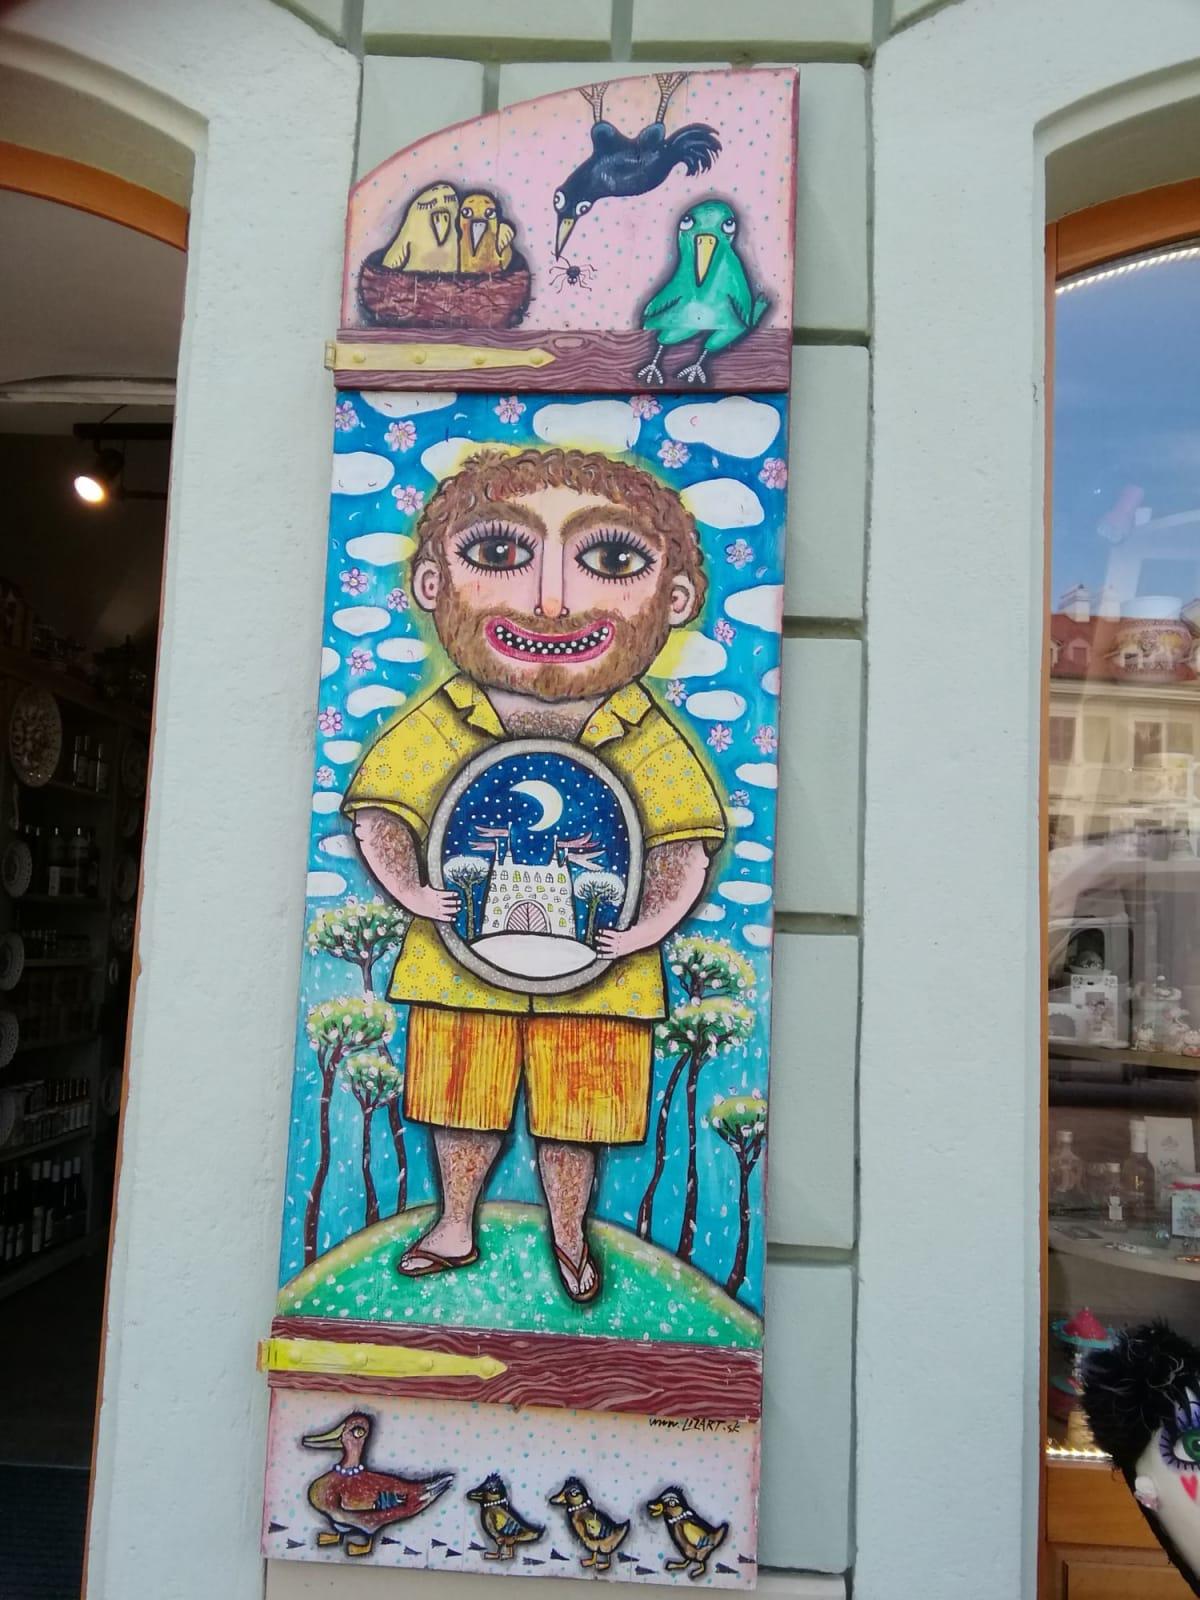 ブラチスラバ観光中に見つけました。お土産屋さんの入口にあり、とても気に入った1枚です。   ブラチスラヴァ